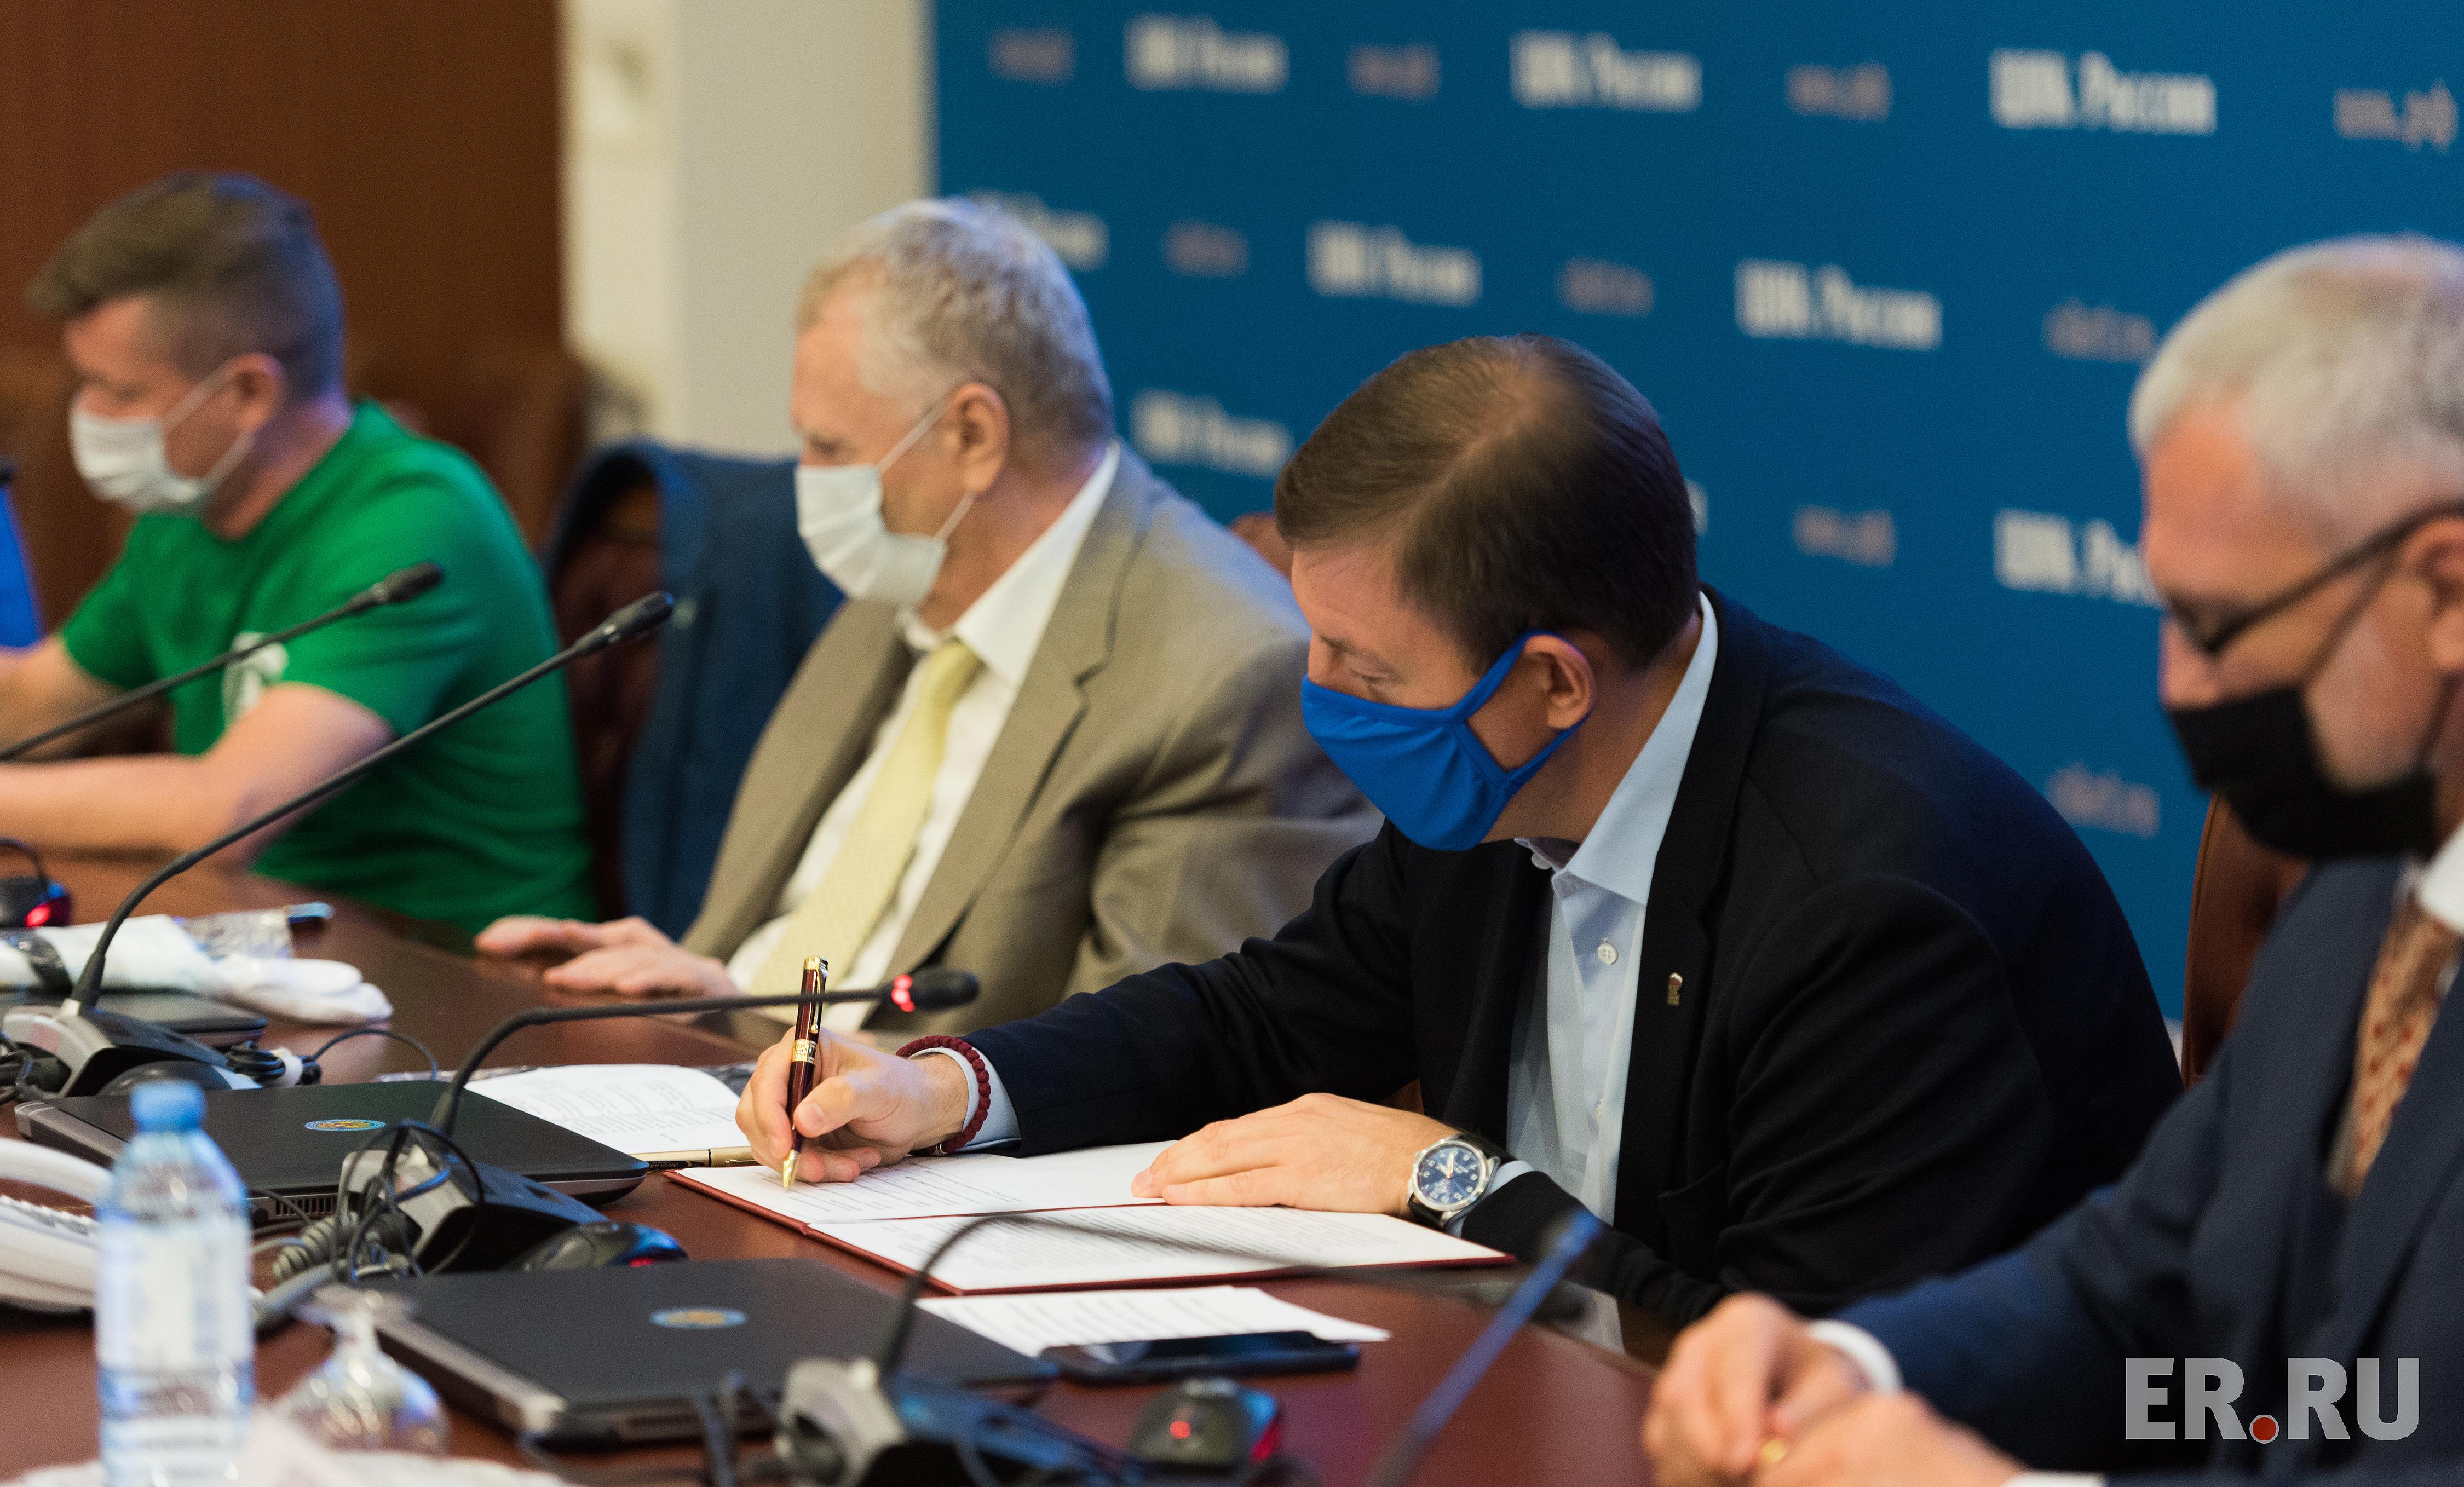 Подписание соглашения «За безопасные выборы»